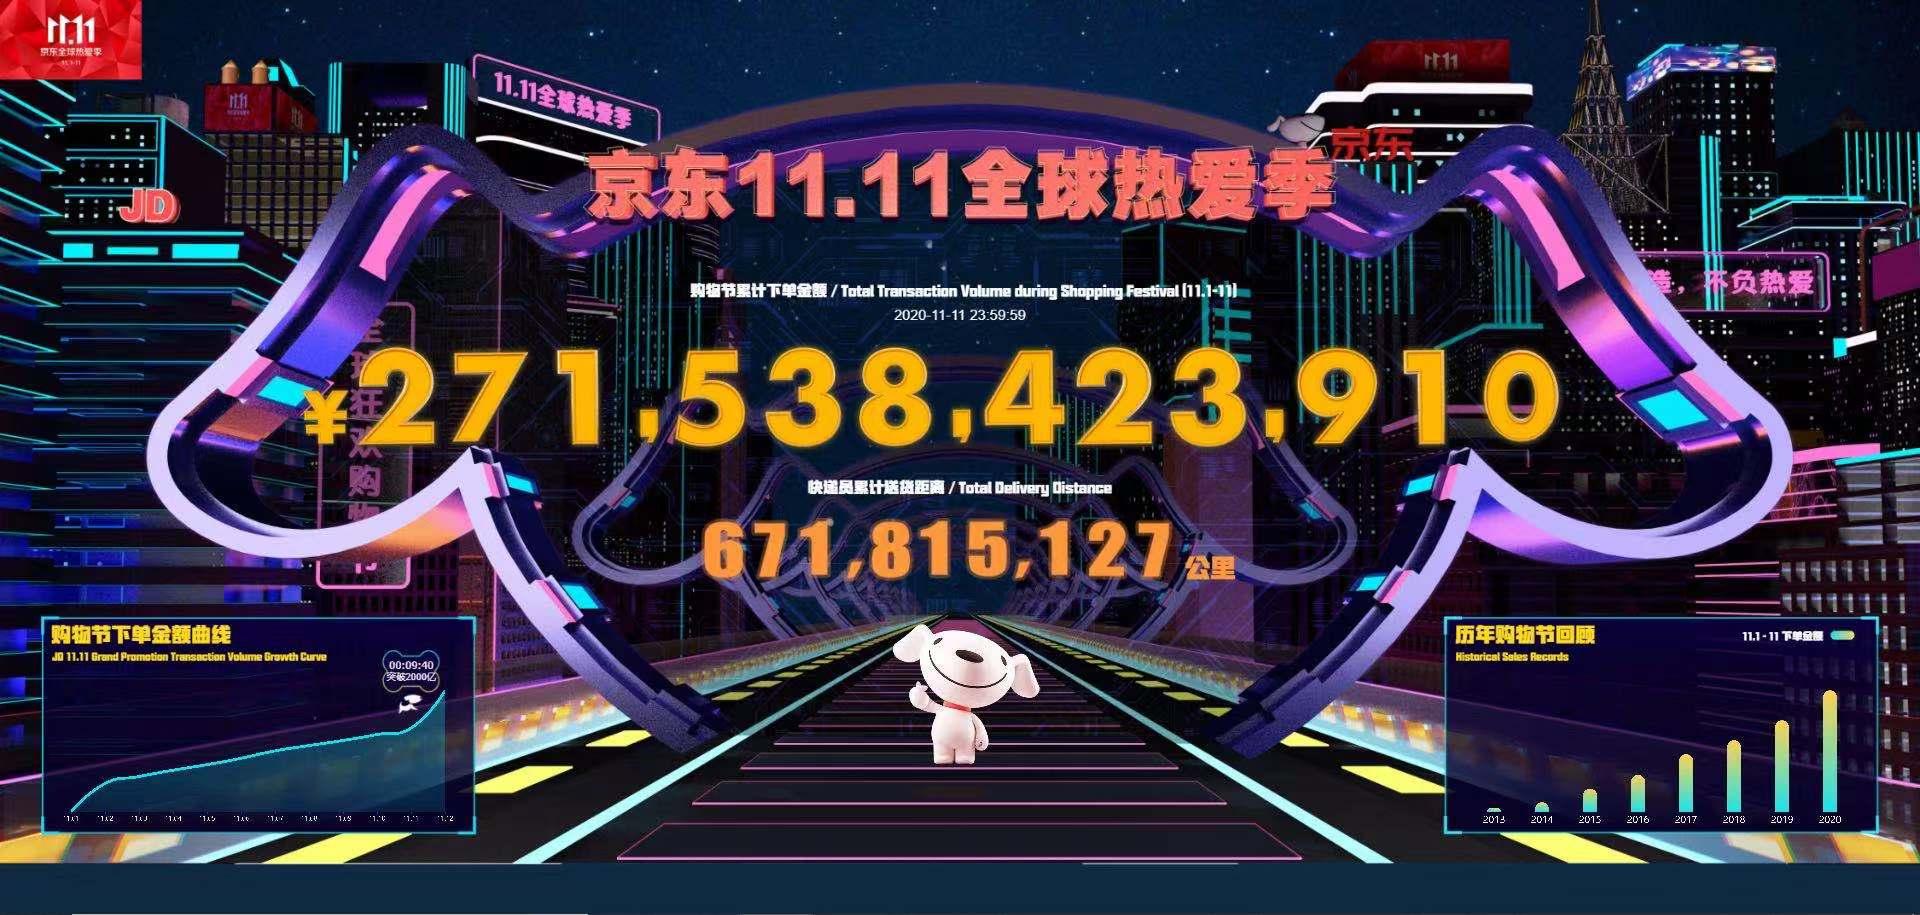 创纪录!京东11.11下单金额2715亿助力实体经济 服务亿万用户